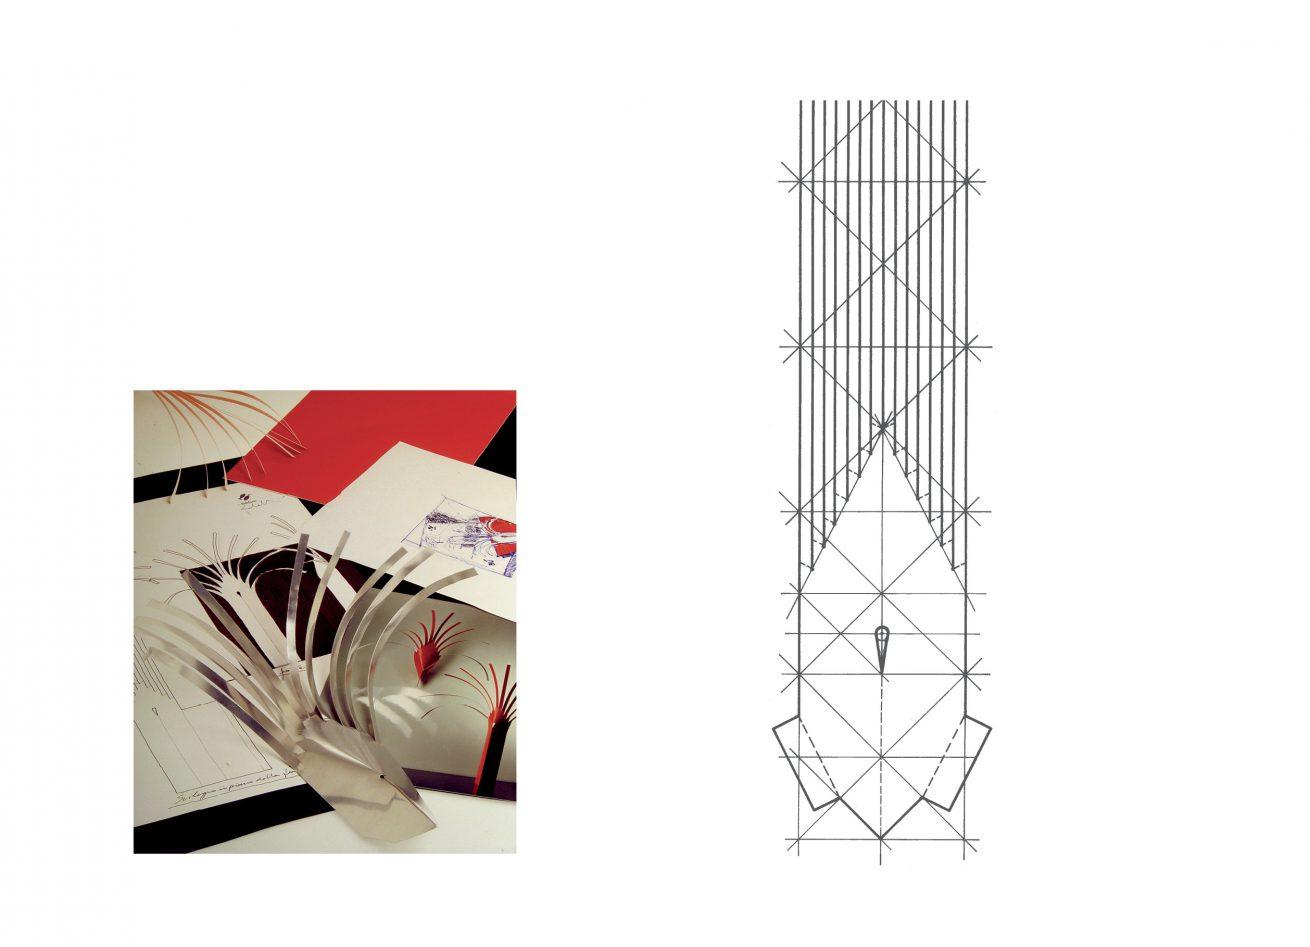 168 abitare il tempo lampada bu interno fish form studio di design e progettazione verona